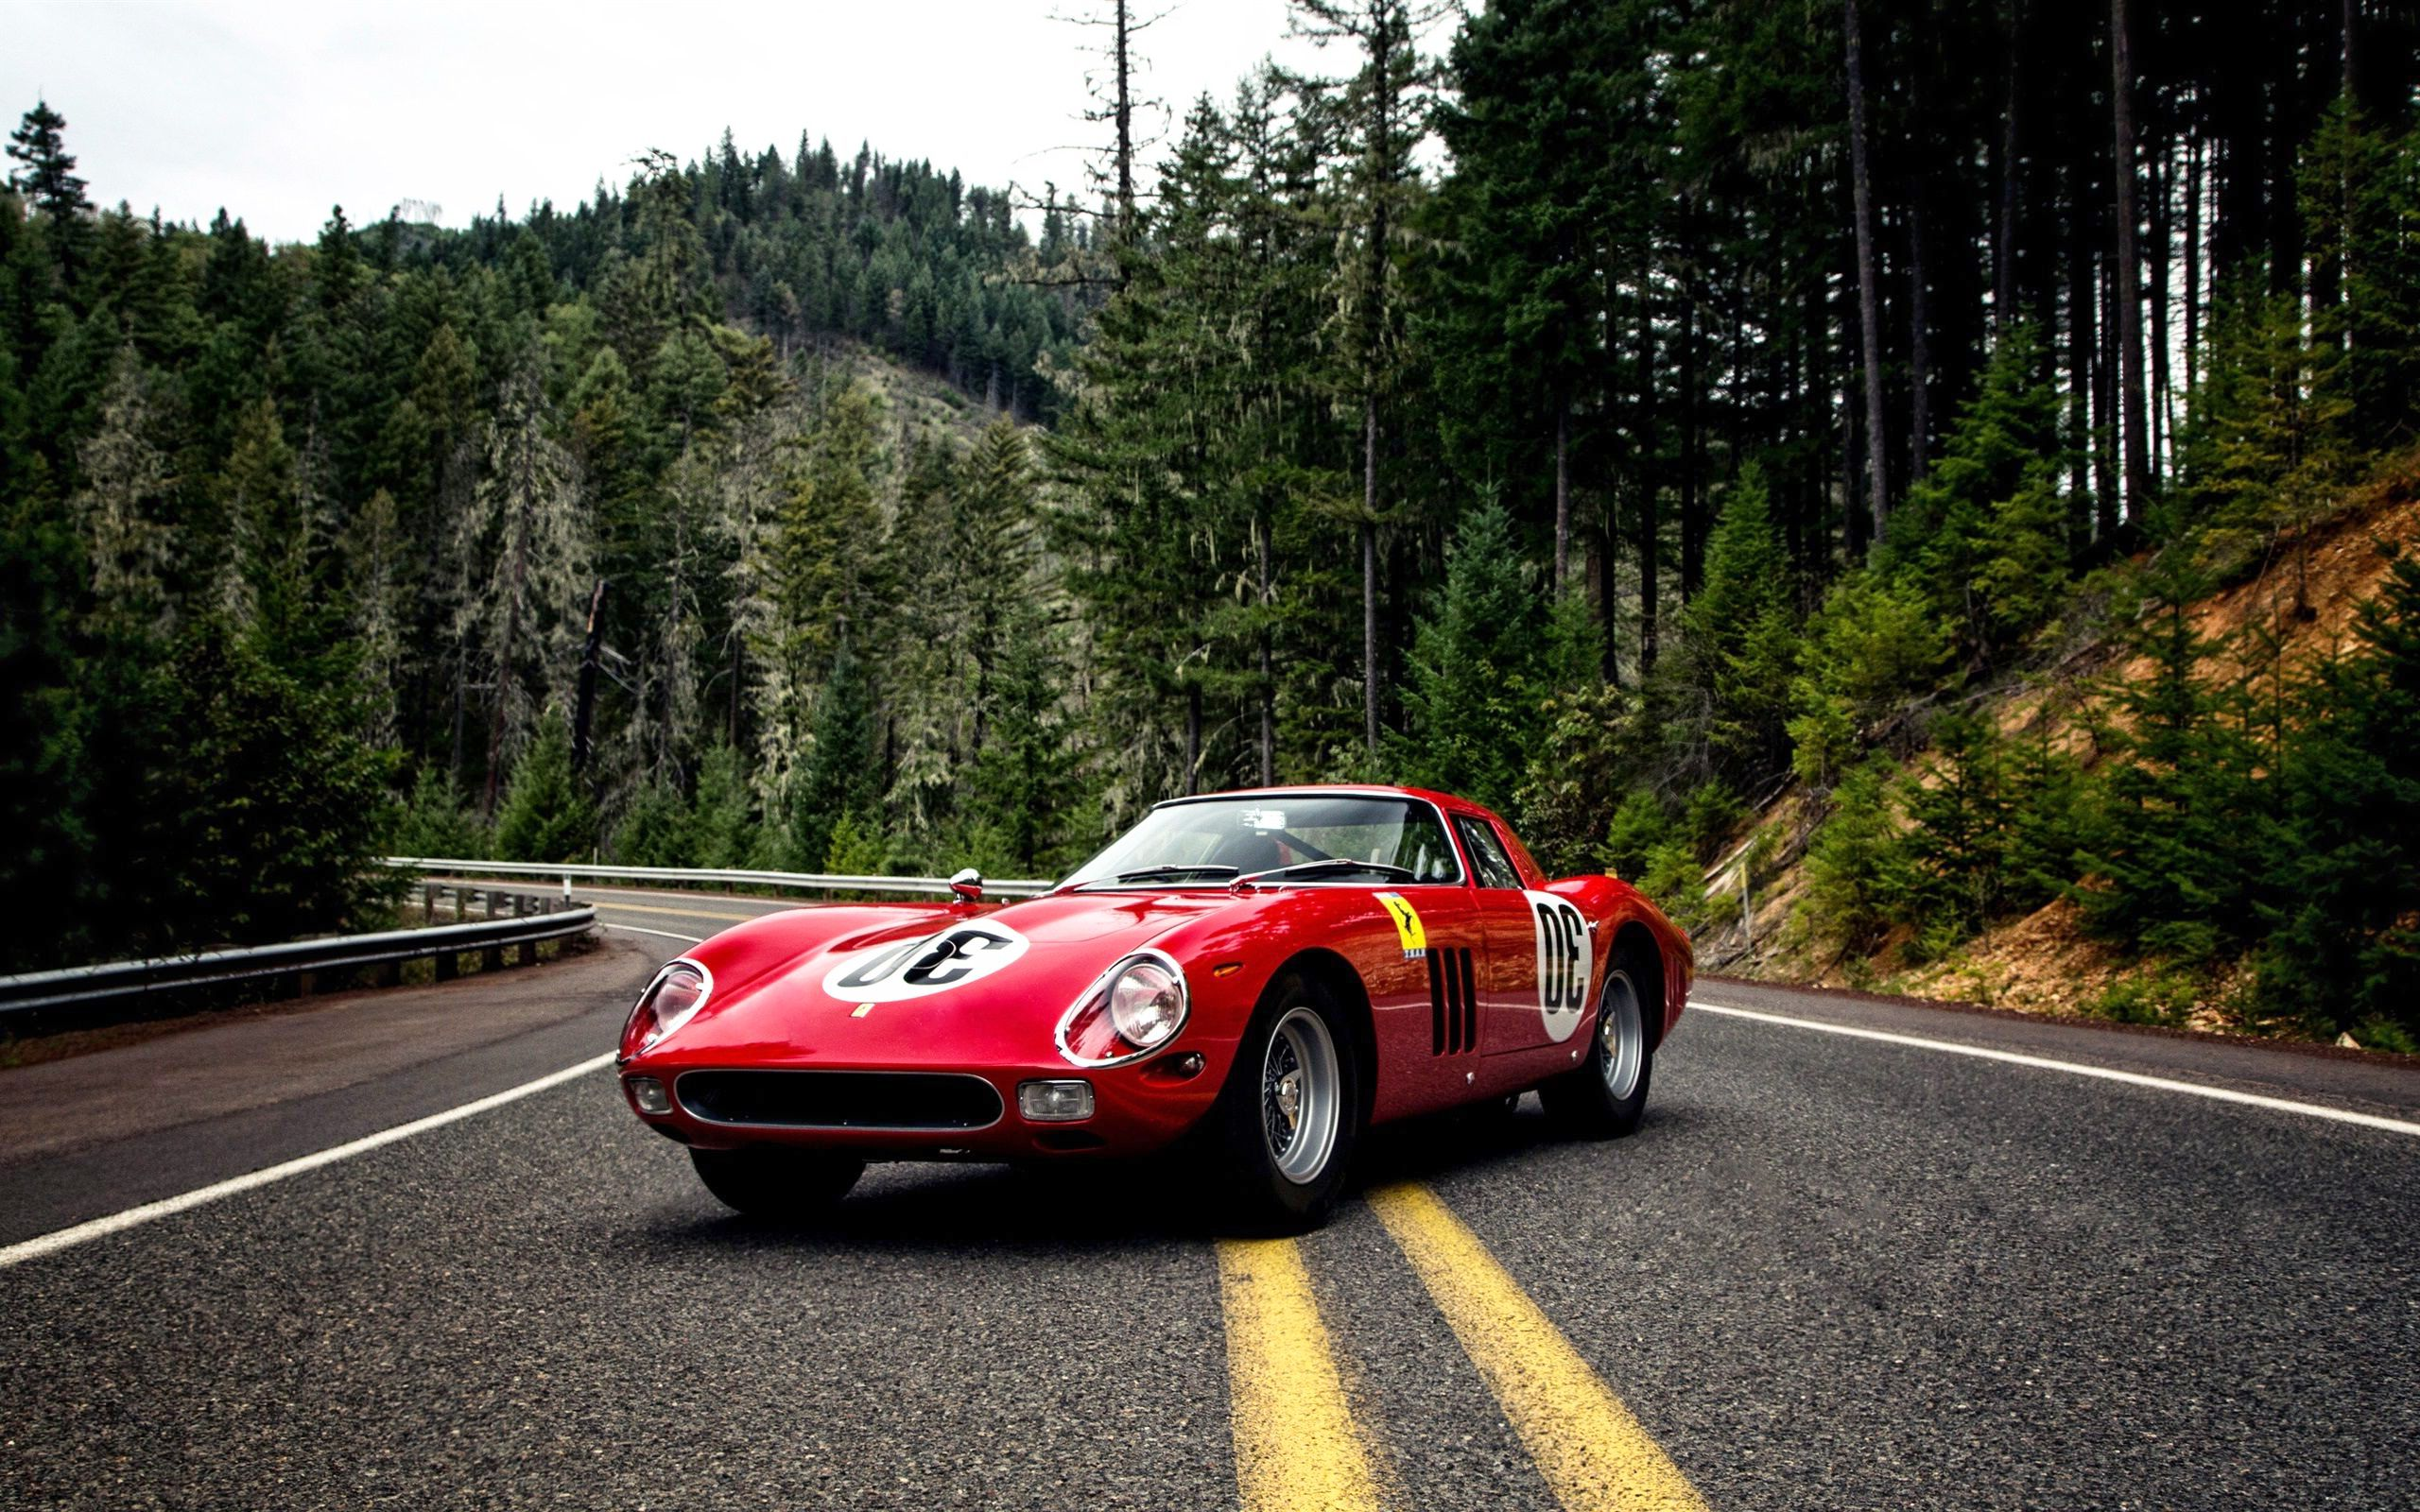 Ferrari Duvar Kagitlari Hd Ferrari Fotograflar Ve En Guzel